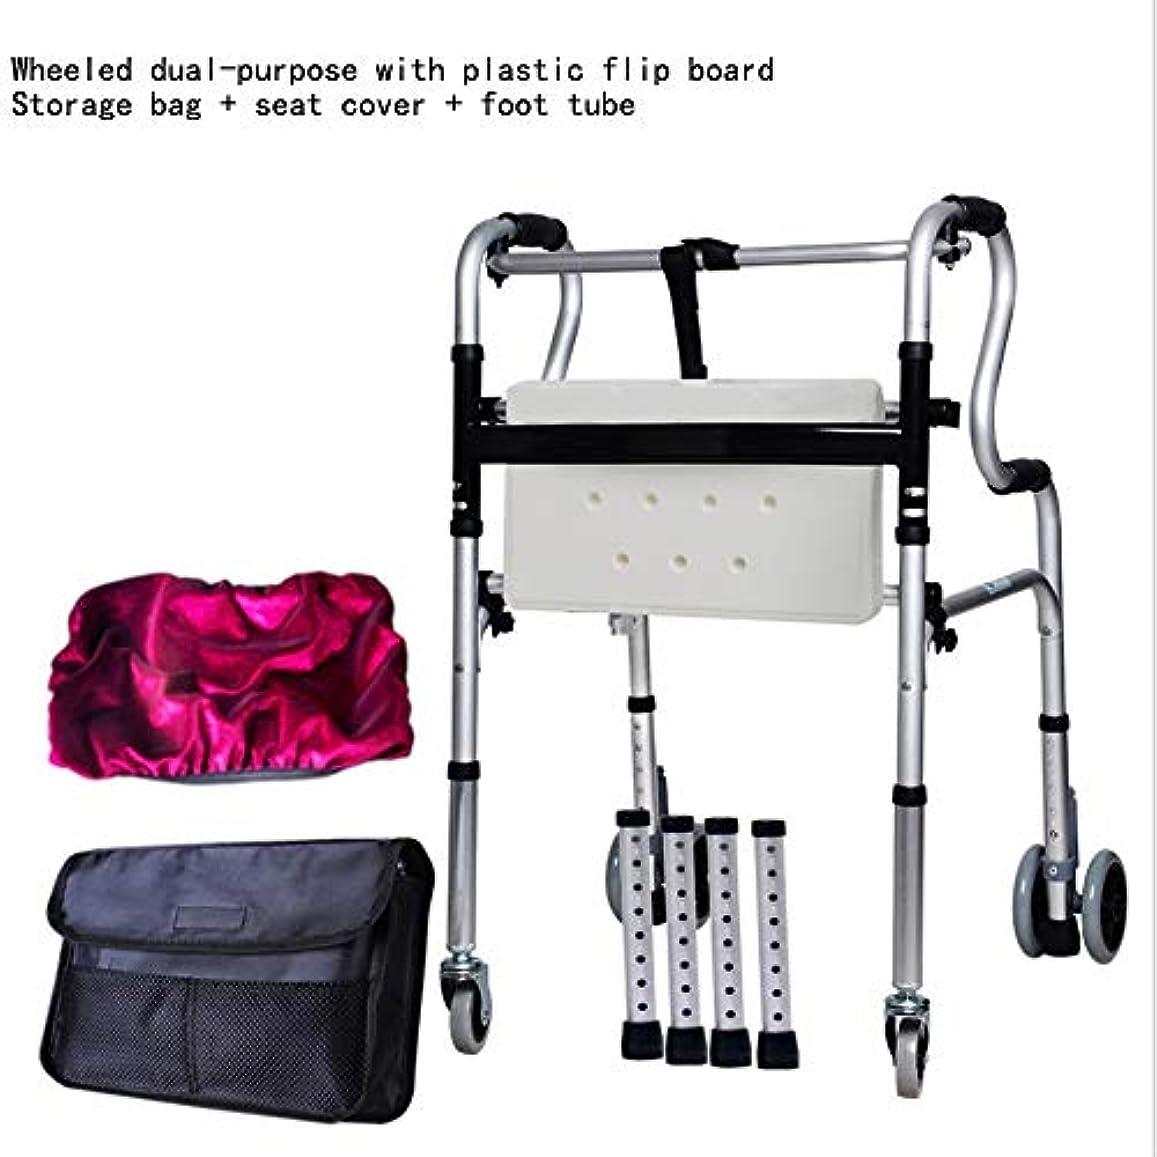 慣れる北へ牛滑車付き歩行補助器具、高齢者用および負傷者用シート付き折りたたみ式四輪歩行フレーム (Color : 白)